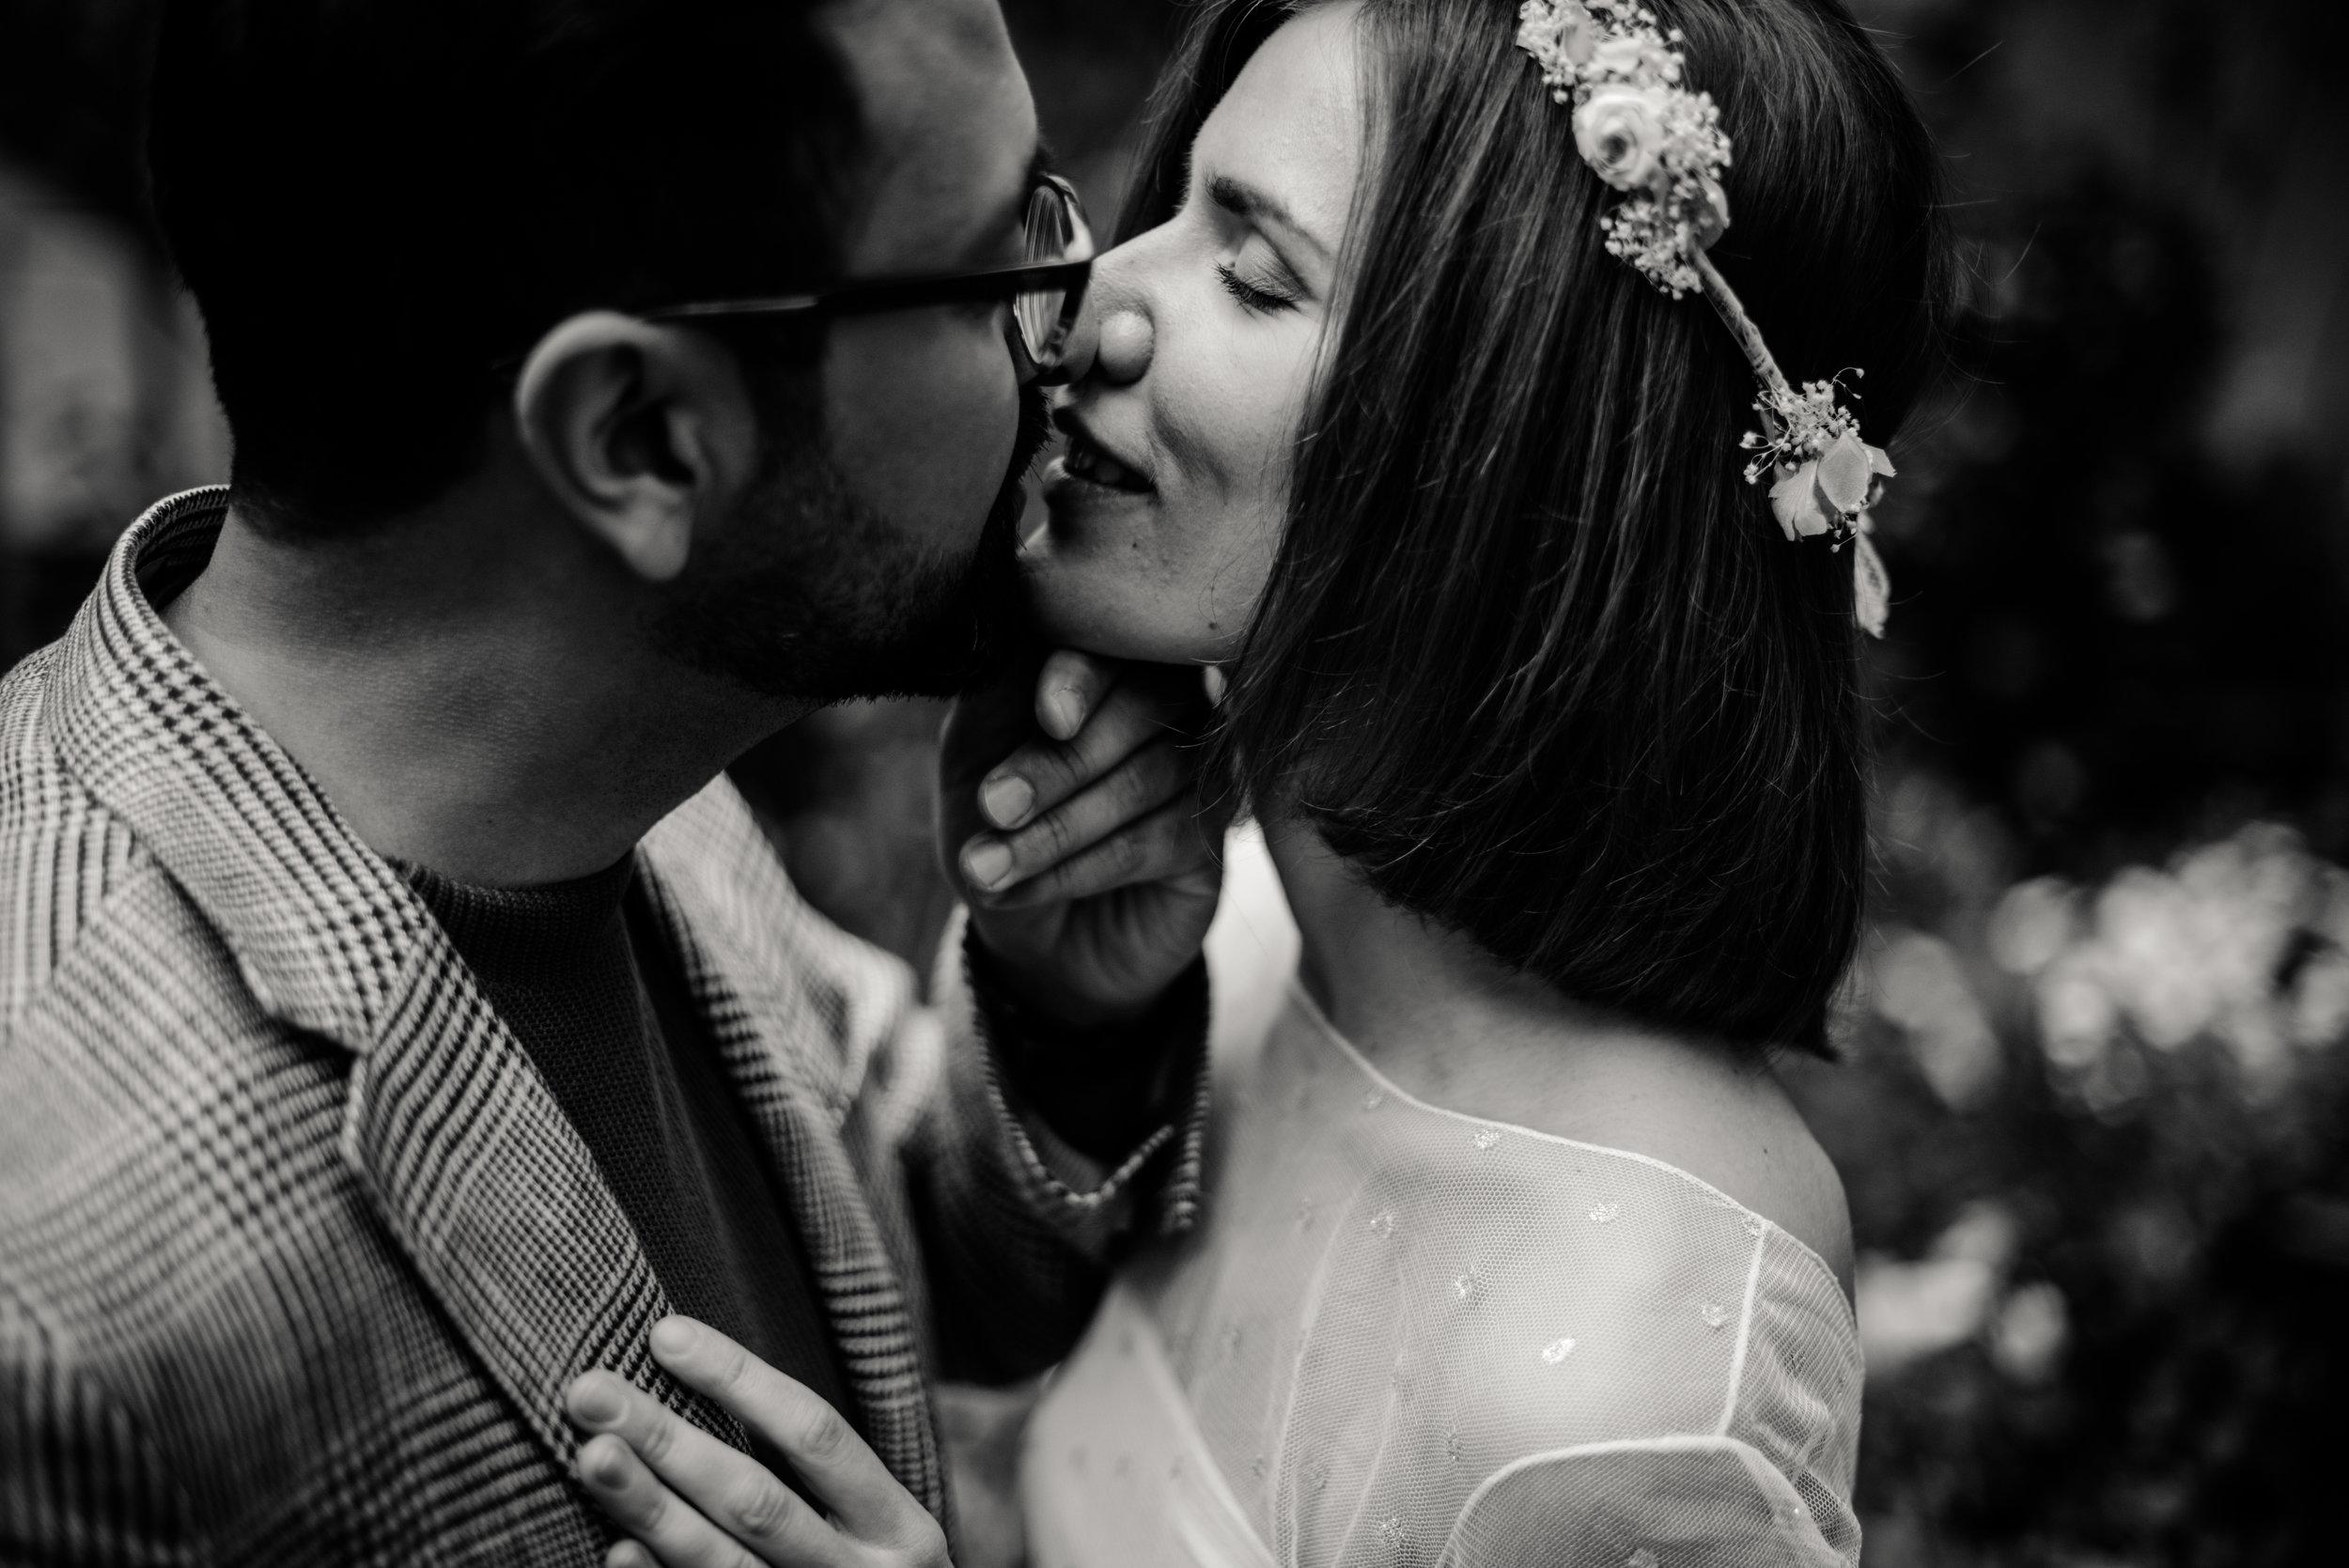 Léa-Fery-photographe-professionnel-lyon-rhone-alpes-portrait-creation-mariage-evenement-evenementiel-famille-4447.jpg